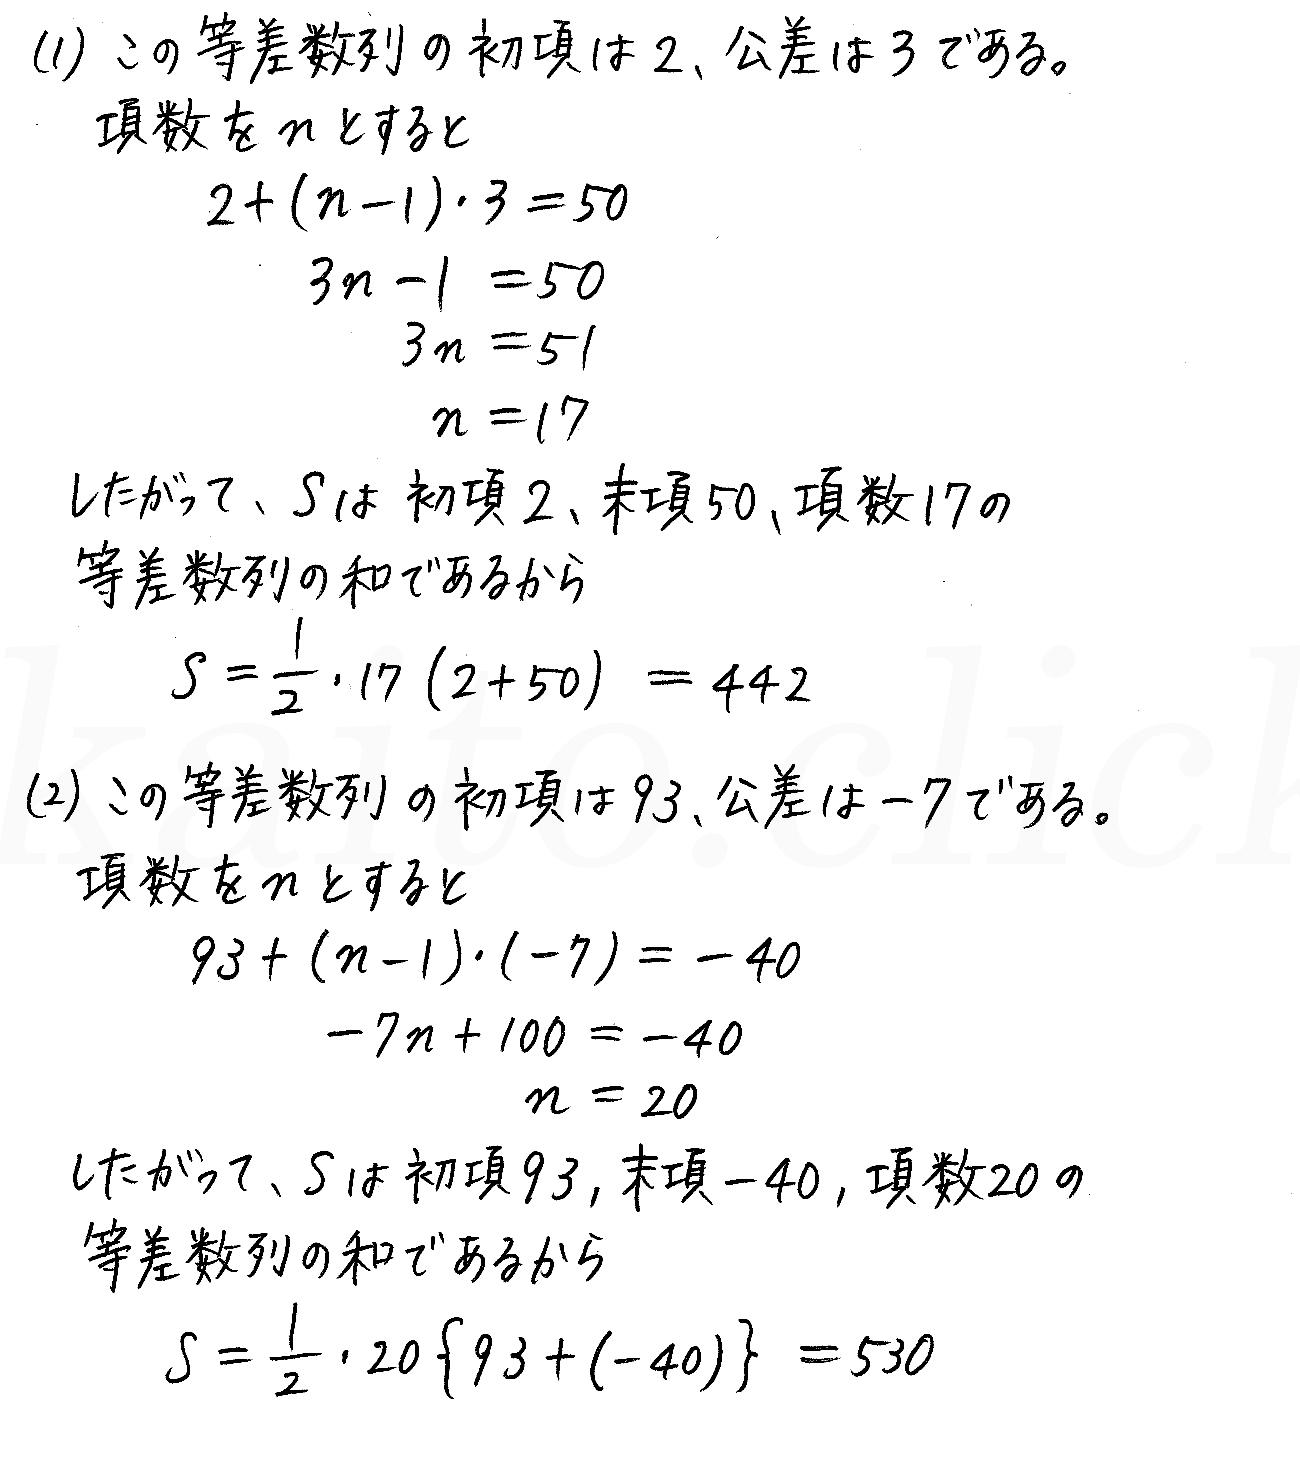 クリアー数学B-167解答